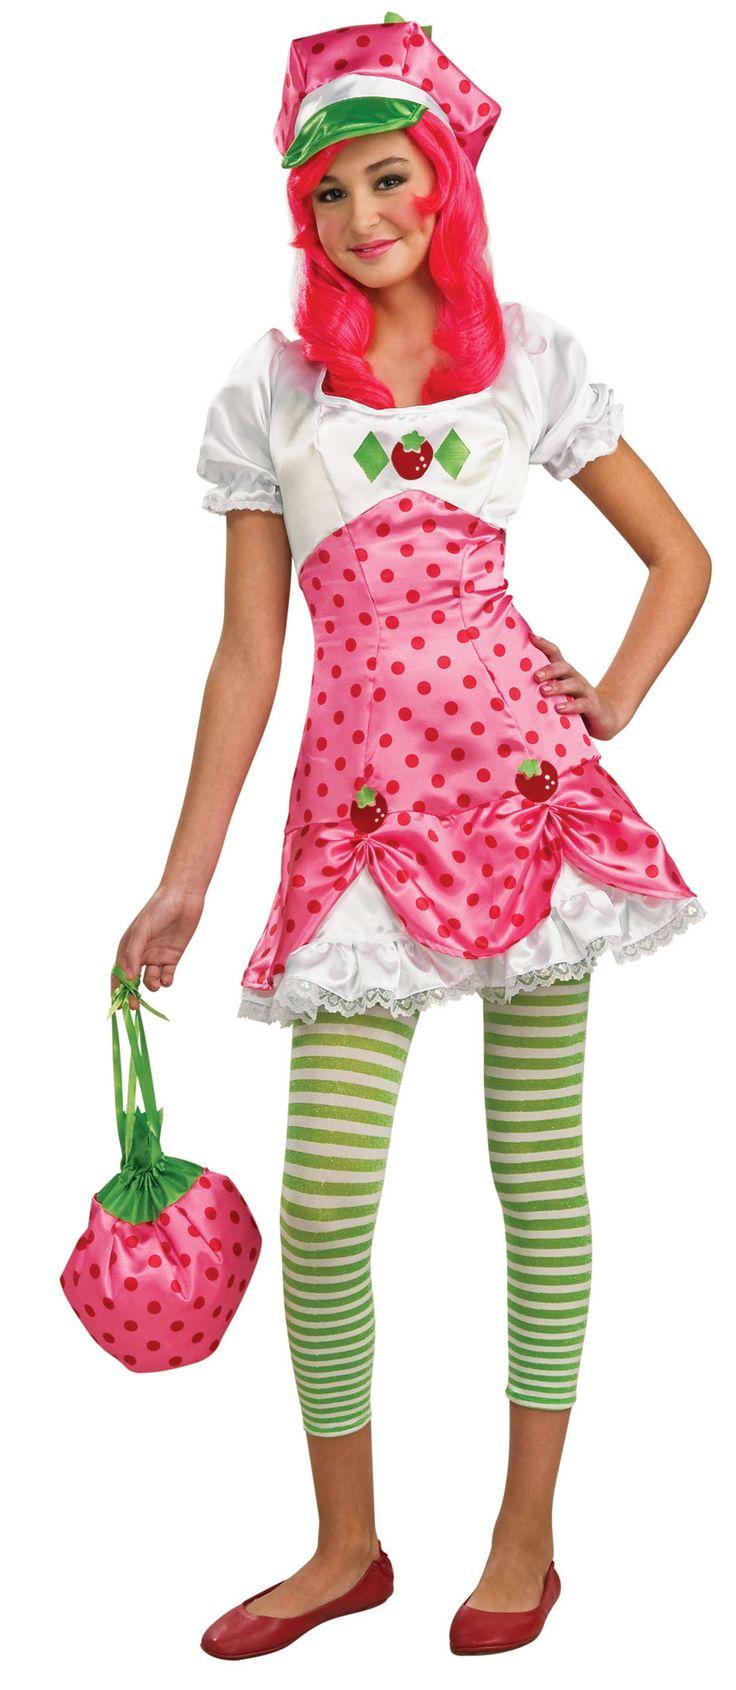 strawberry shortcake strawberry shortcake tween costume. Black Bedroom Furniture Sets. Home Design Ideas